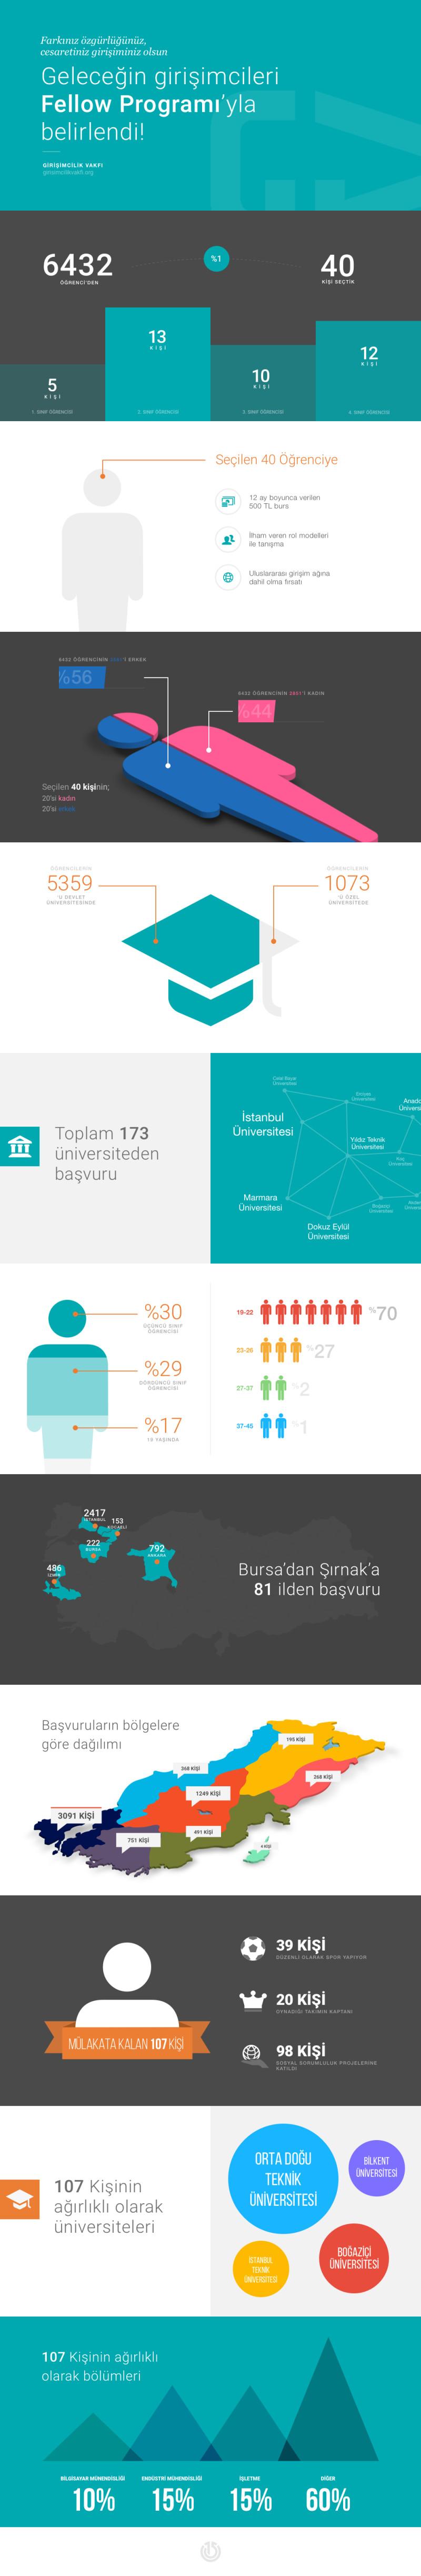 GV_Fellow_2015_infografik